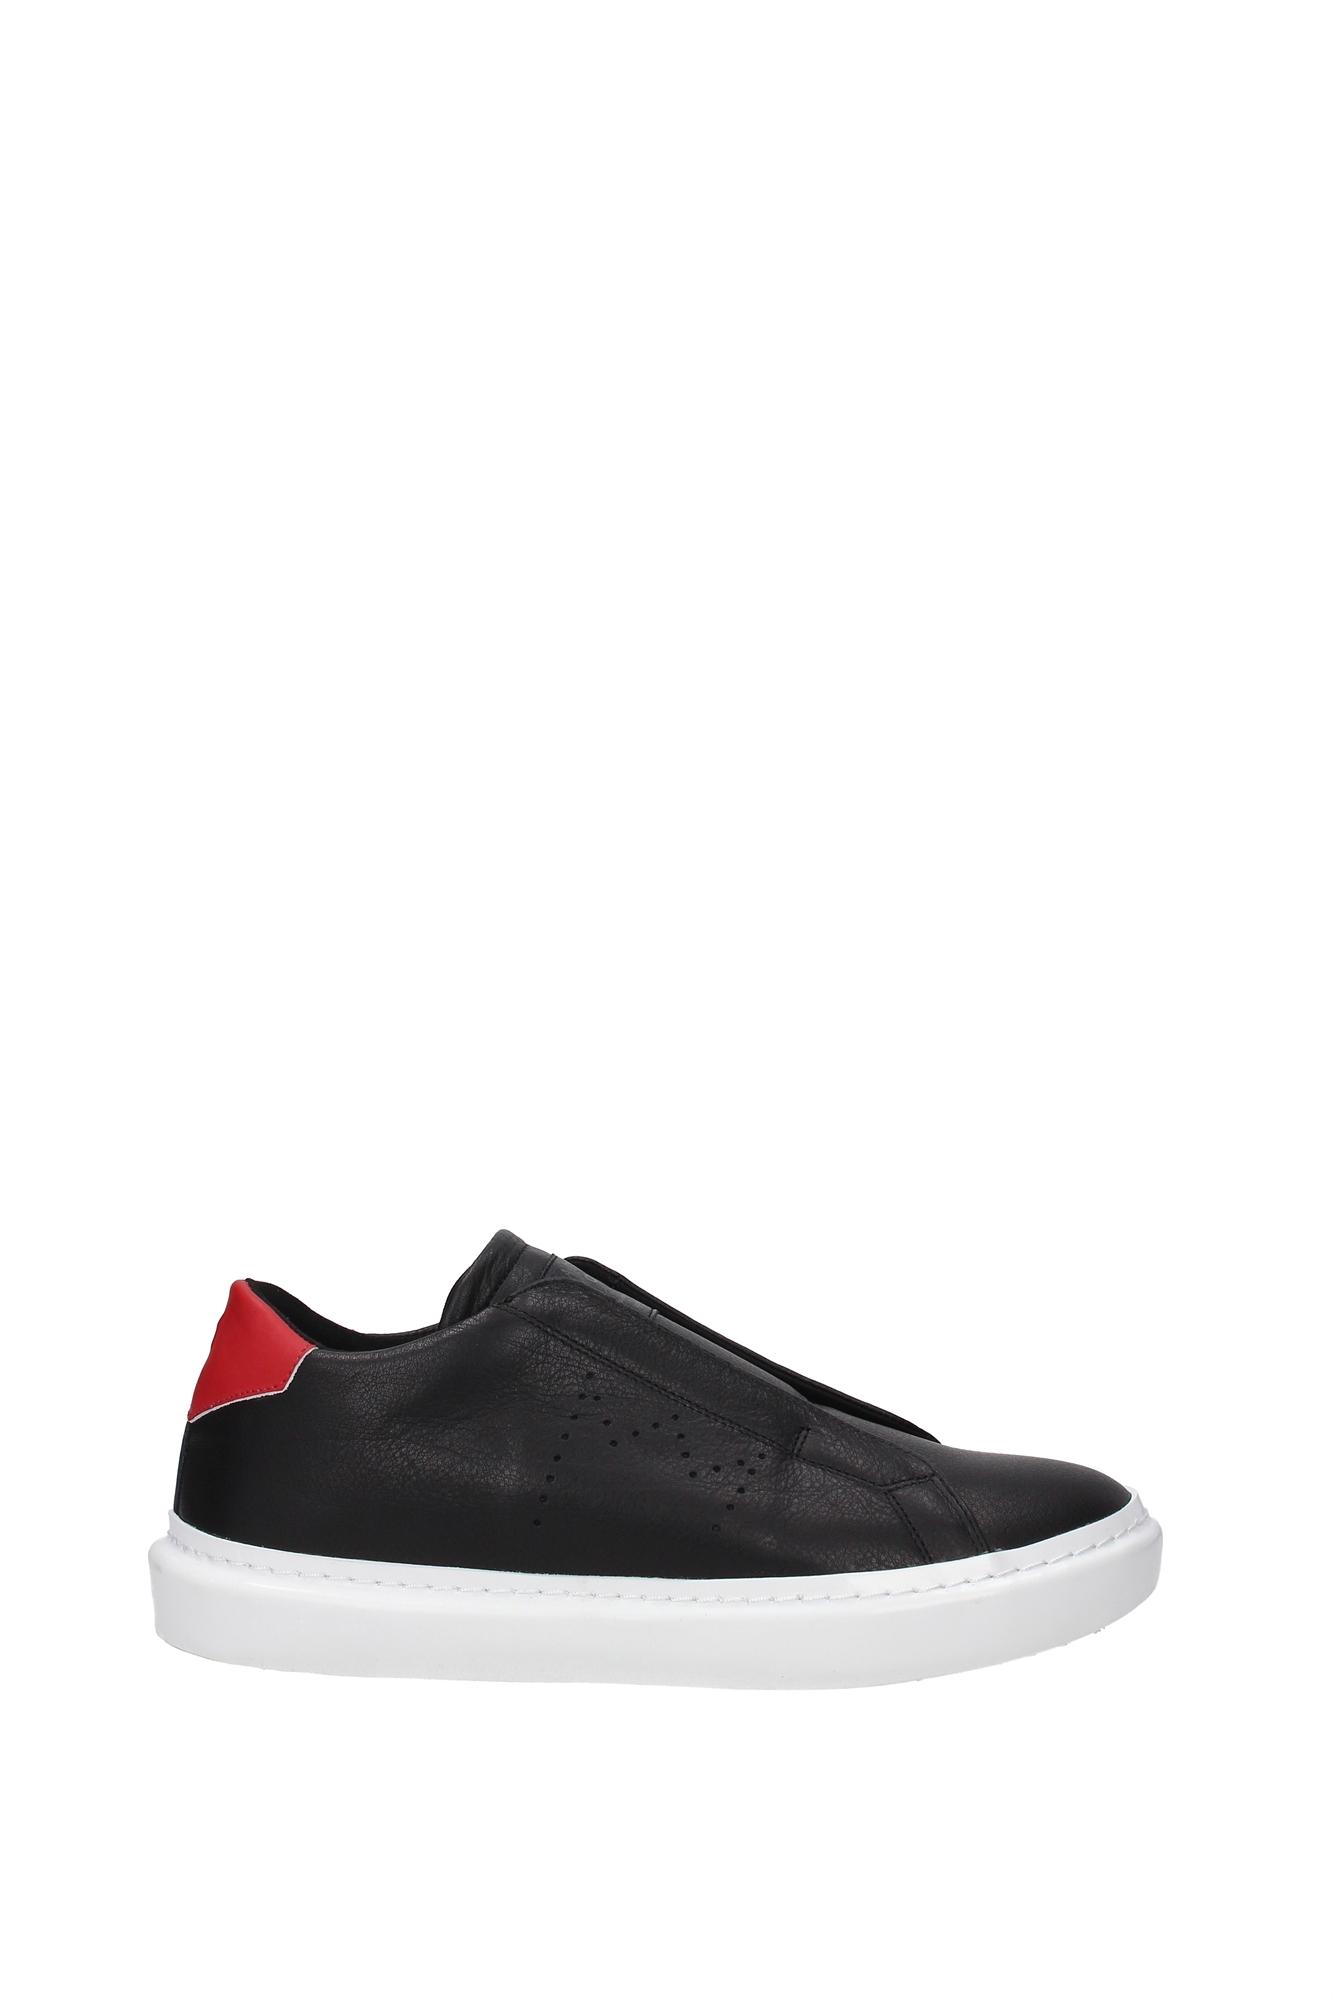 Sneakers Leder Crown - Herren - Crown Leder (MLC25NERO) edb4fc